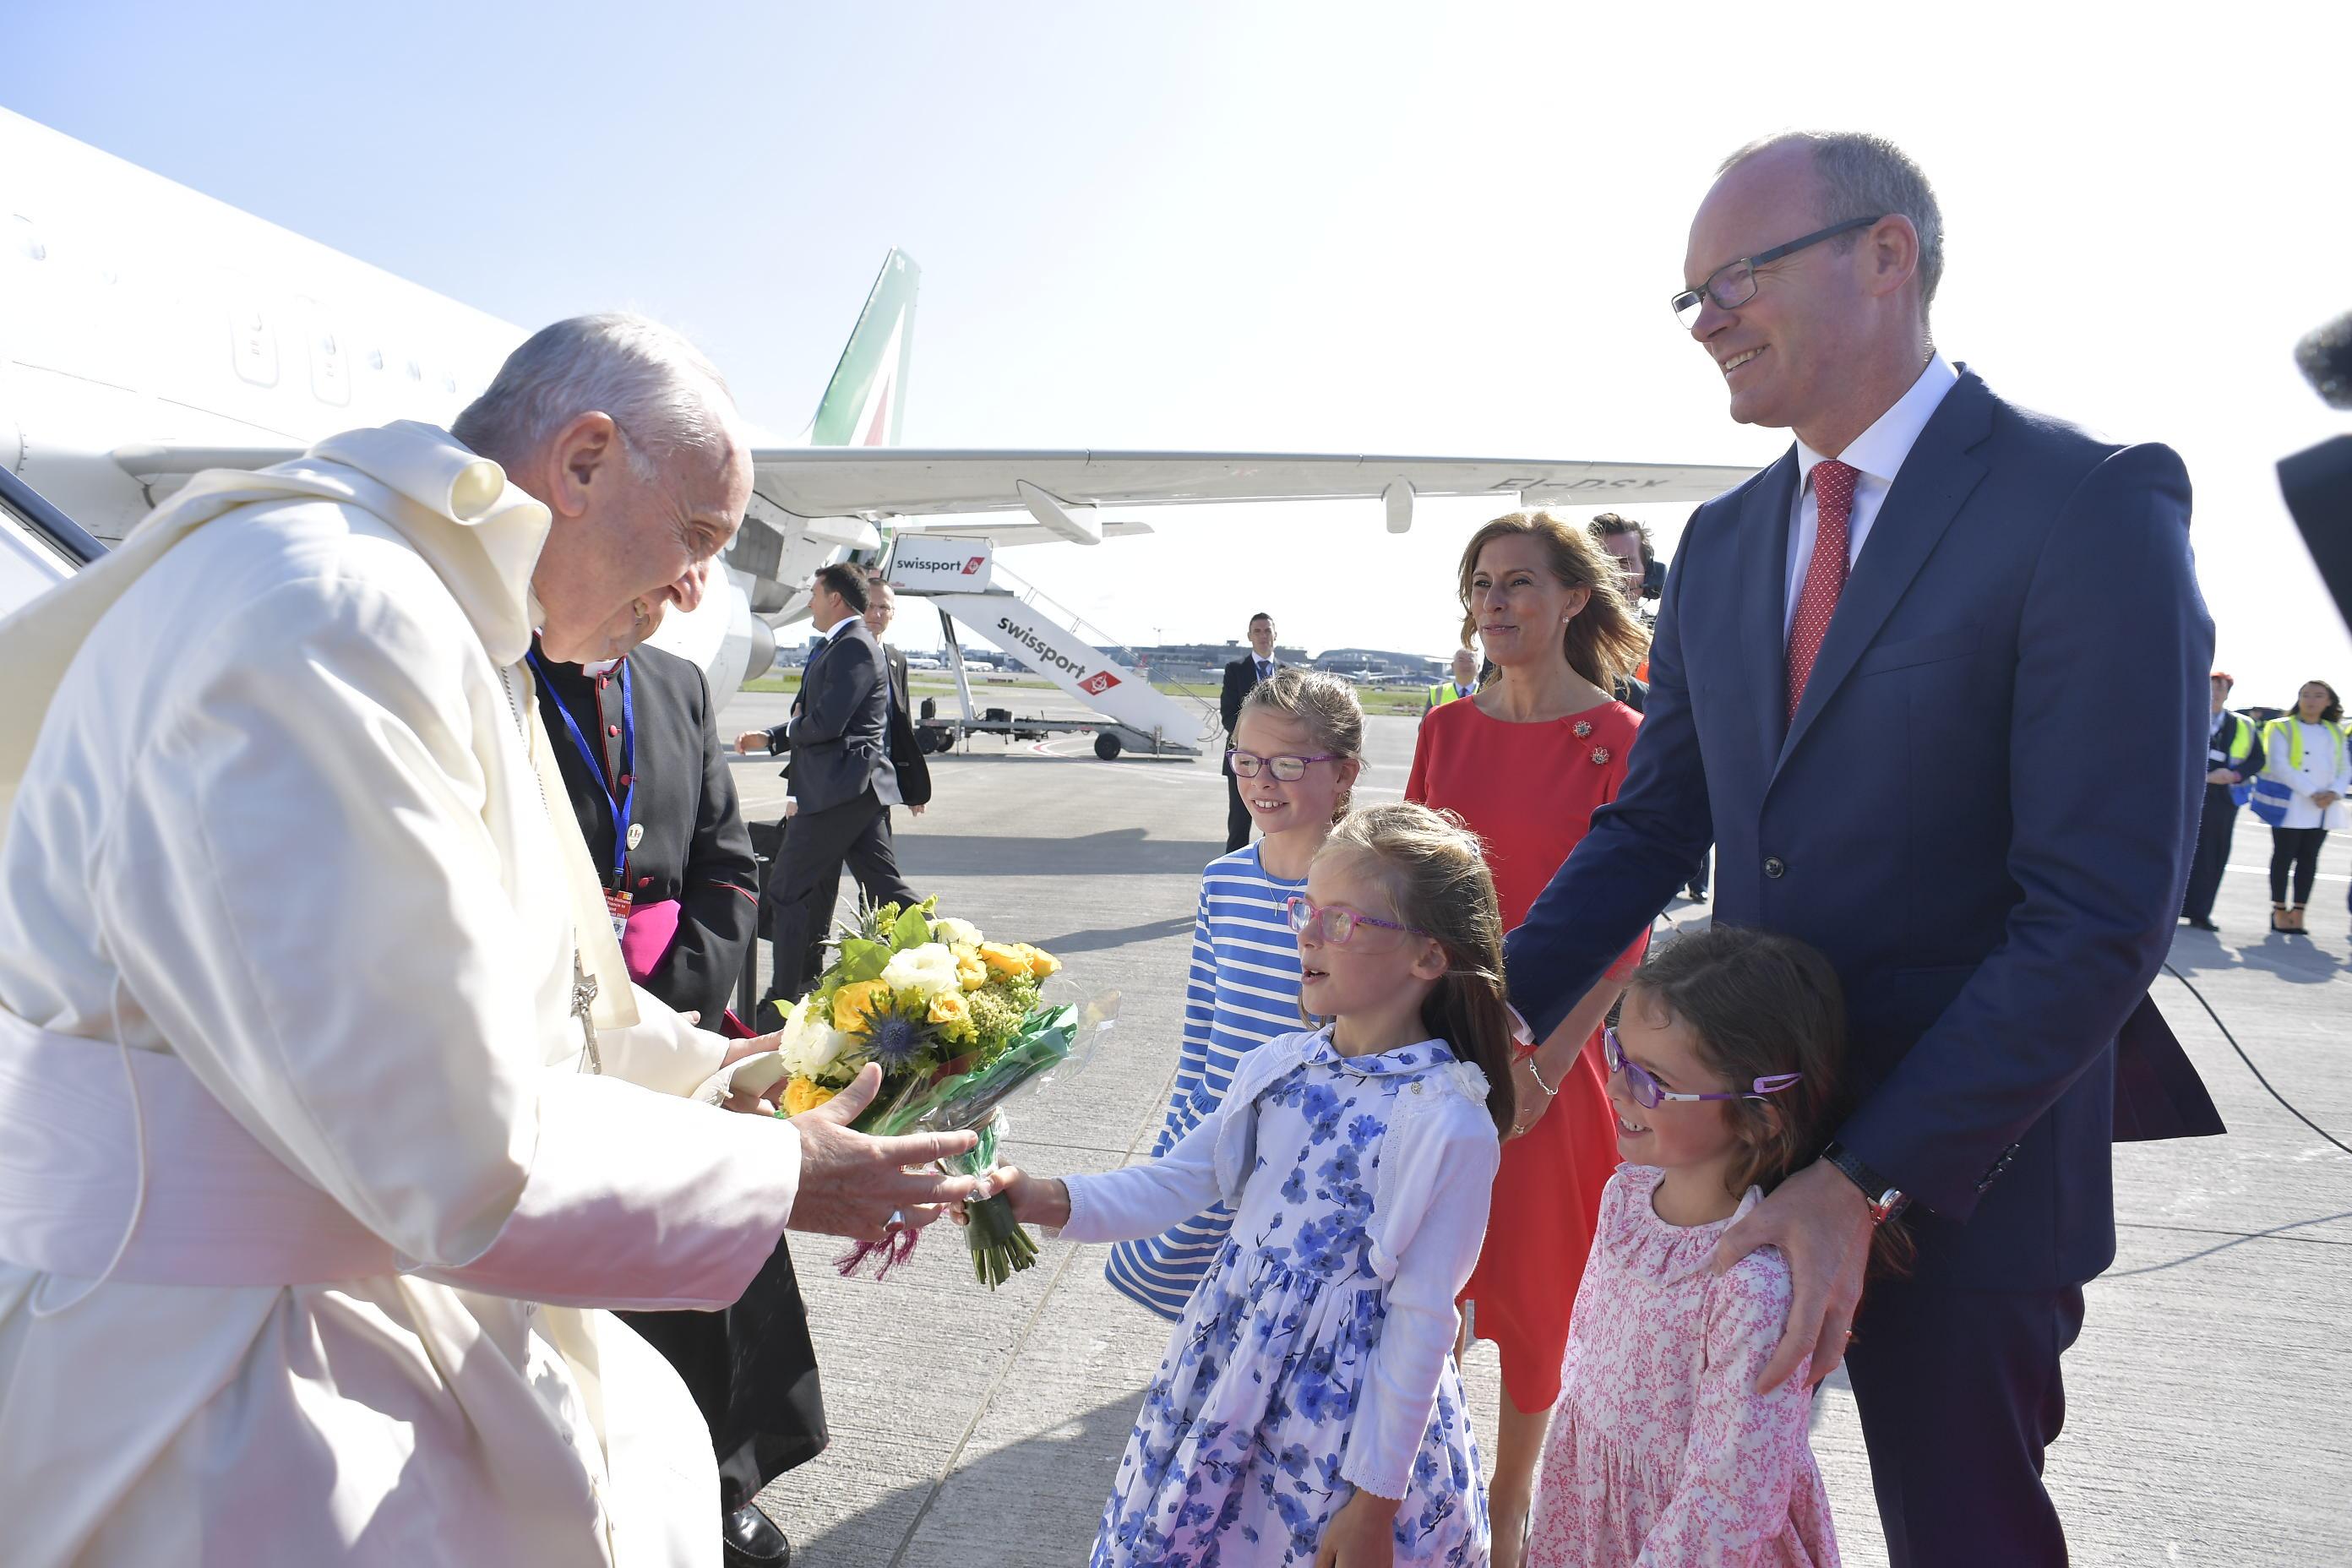 Llegada al Aeropuerto Internacional de Dublín, 25 de agosto de 2018 © Vatican Media